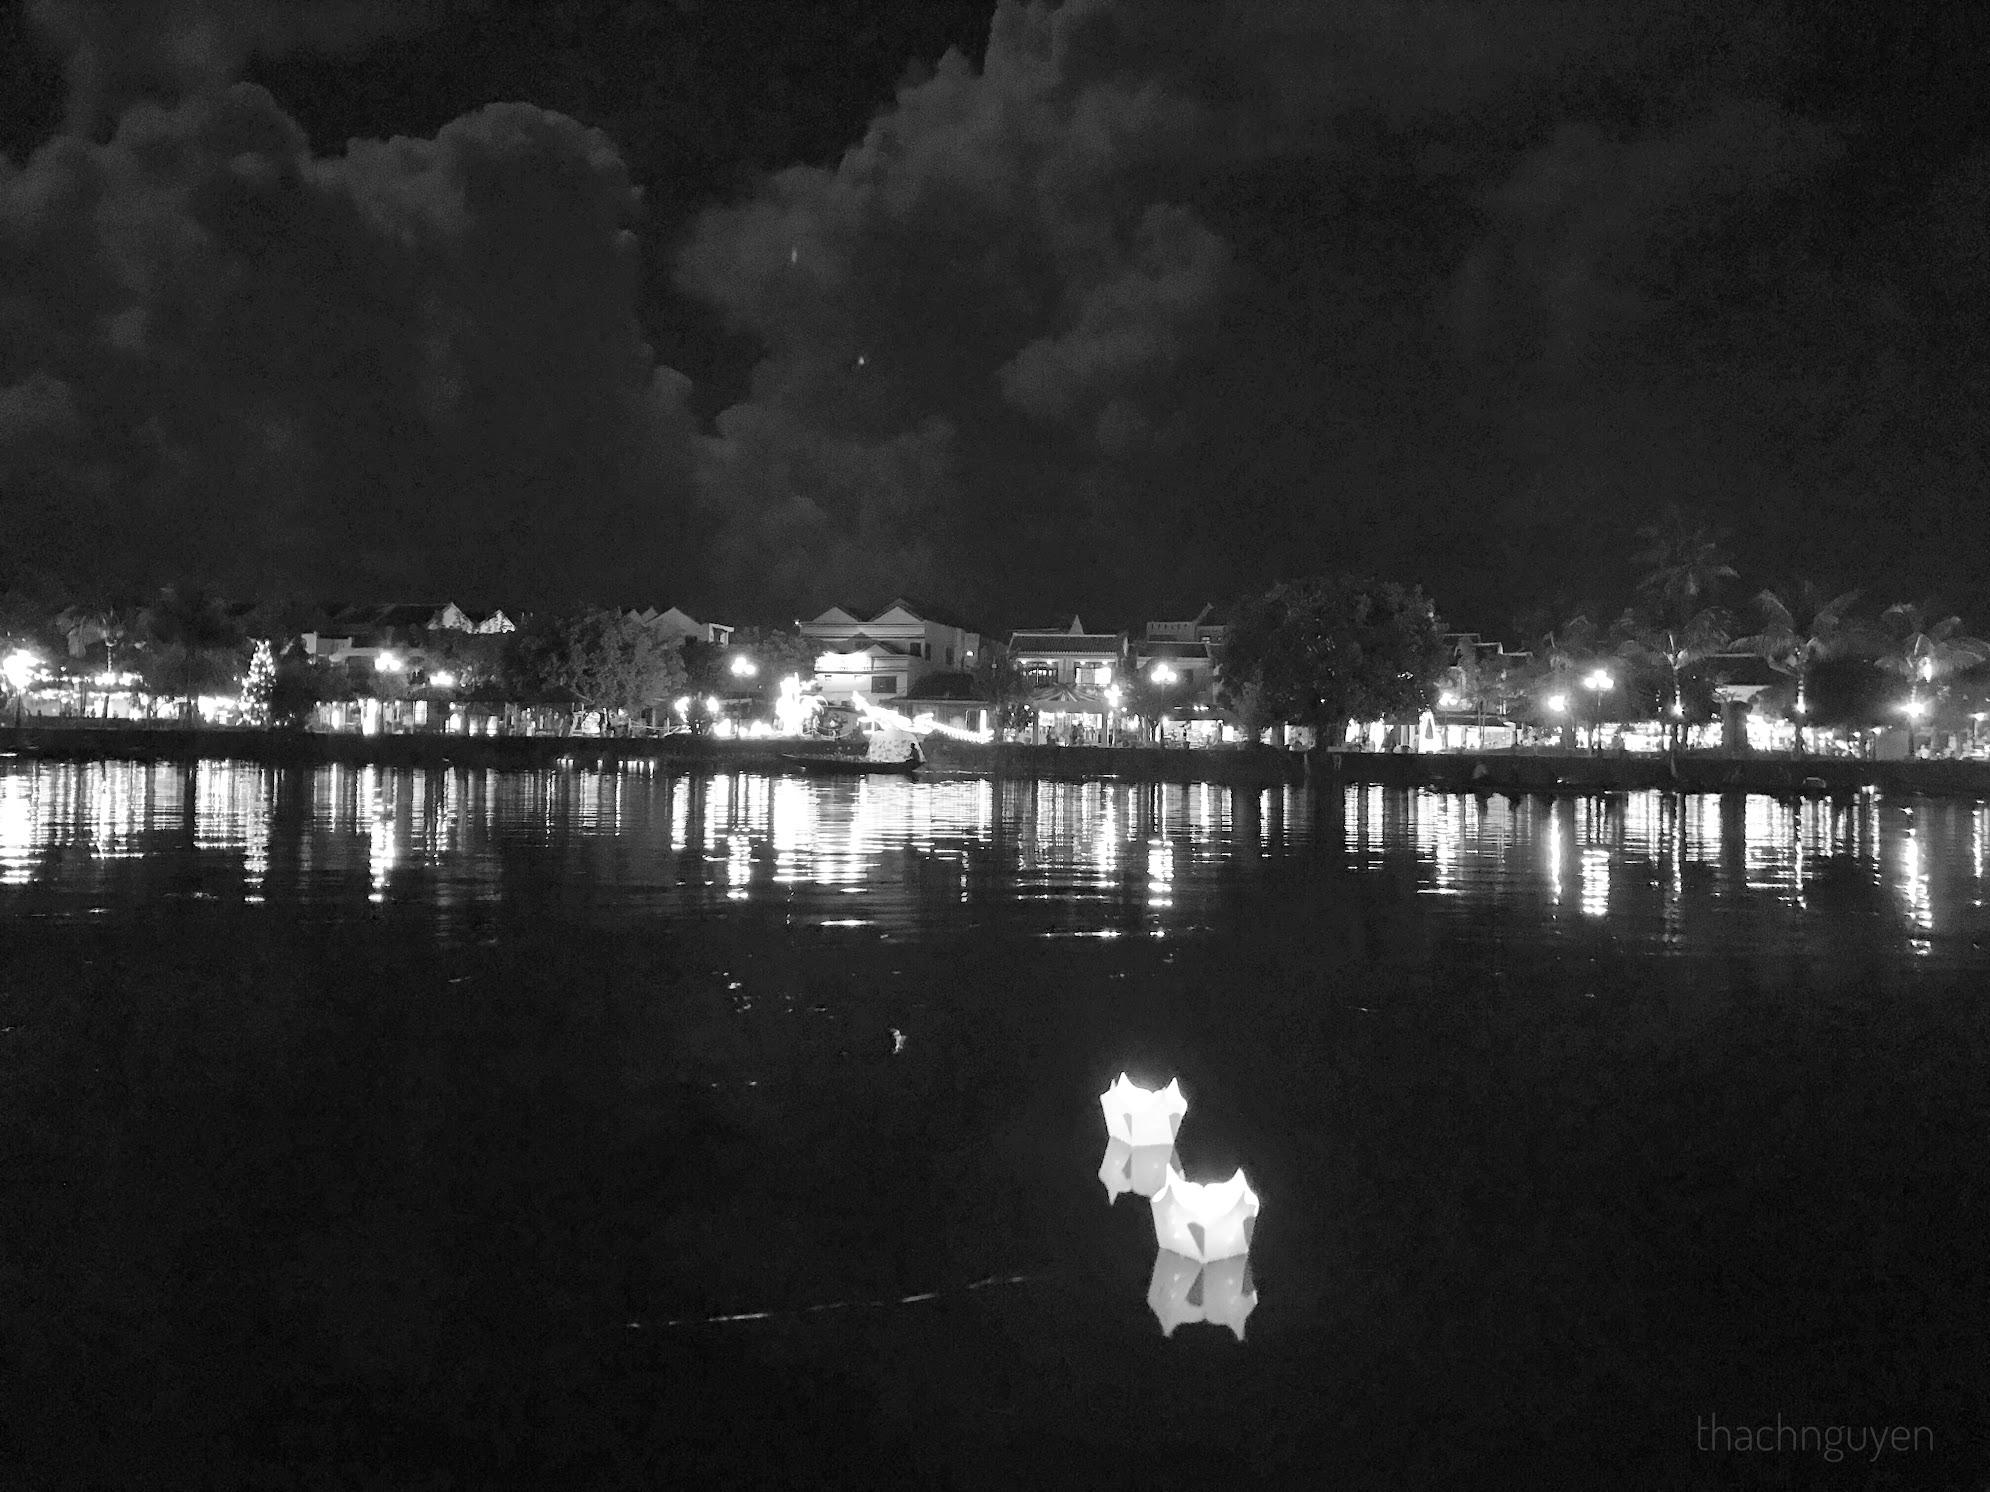 đèn hoa đăng thả trên sông hoài hội an